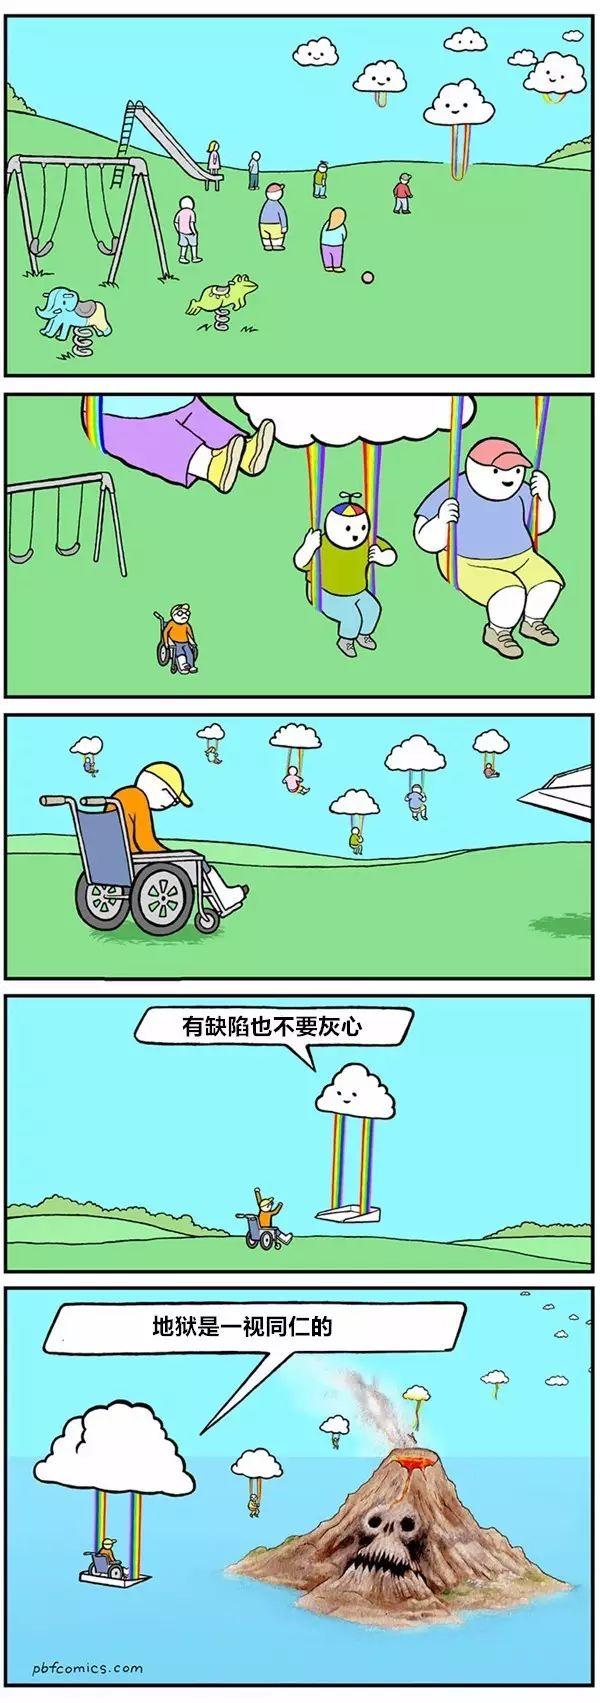 15张神反转的毒漫画看完舒爽一整天!东方漫画令狐v漫画冲图片